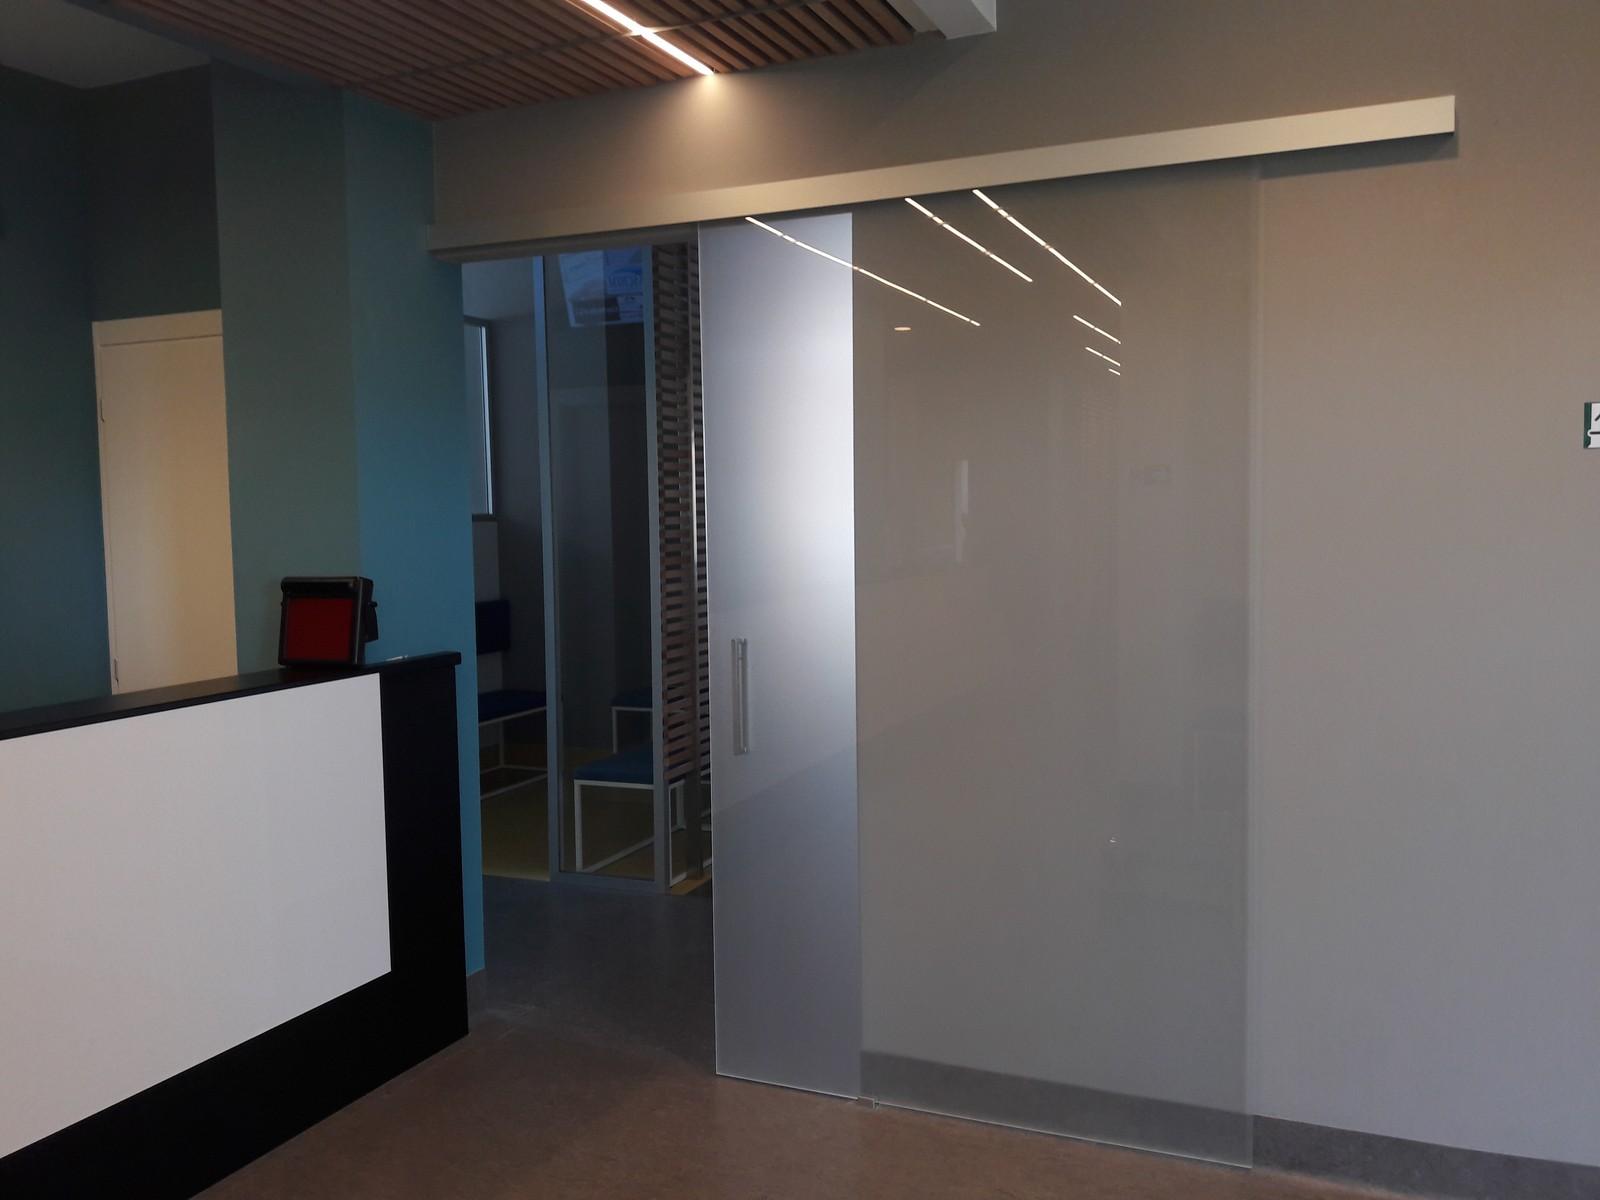 Vetreria f e l c e a vetrate specchi e cristalli novara - Porta in cristallo scorrevole ...